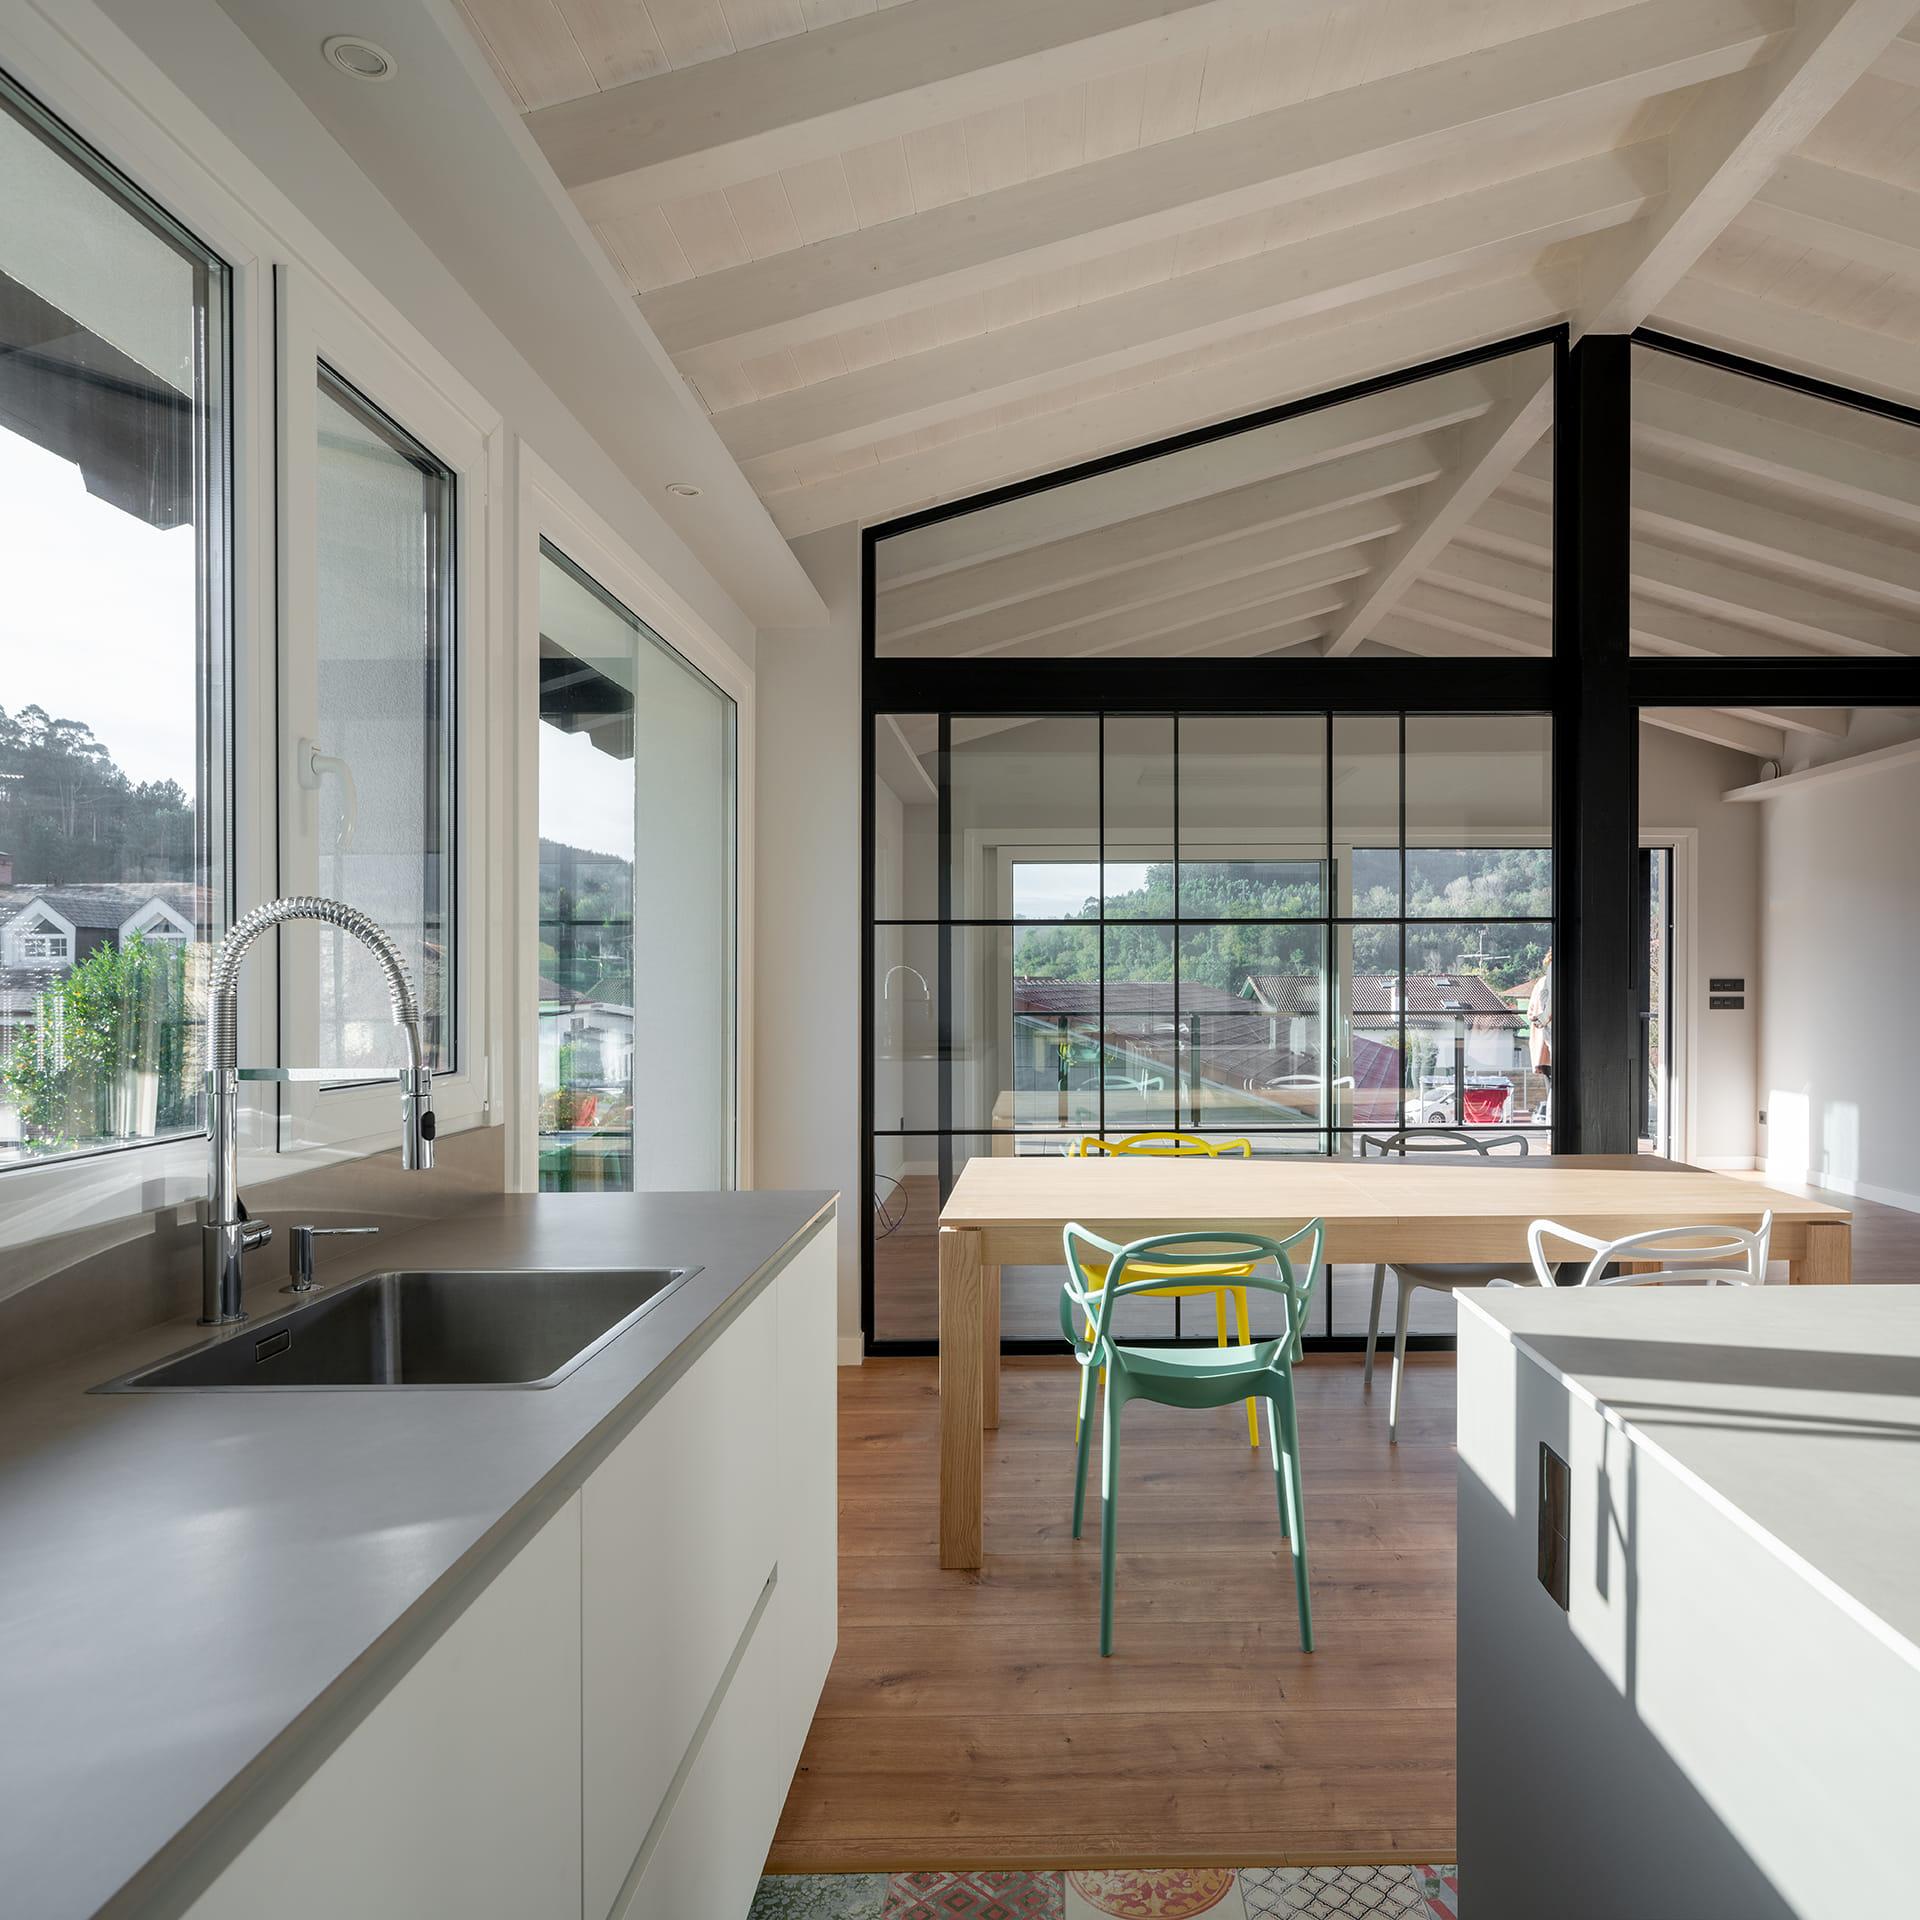 Cuisine et salle à manger avec porte coulissante